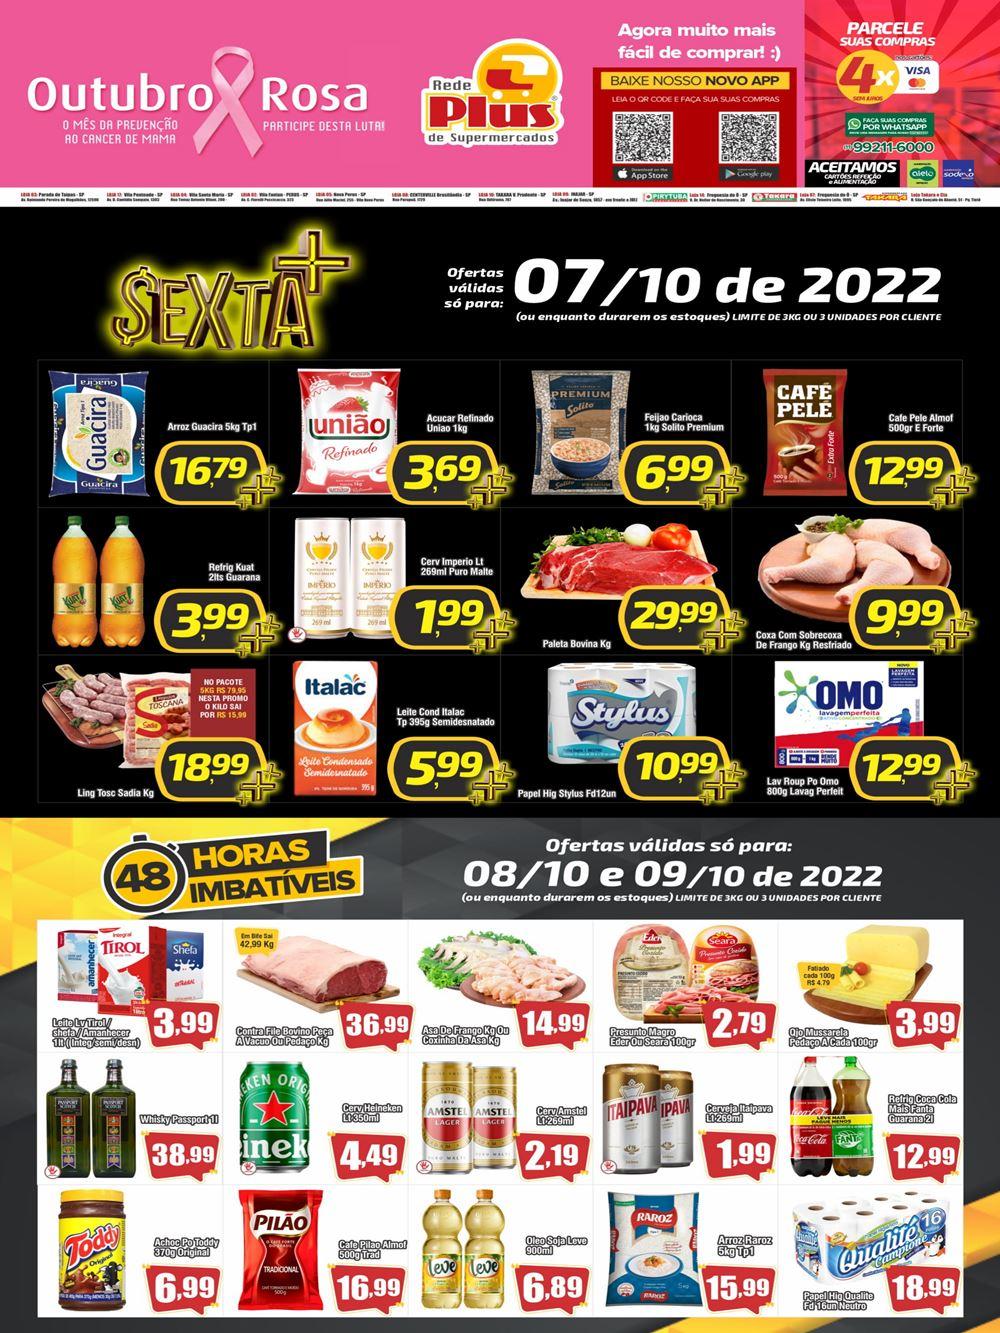 redeplustakara-ofertas-descontos-hoje1-66 São Paulo